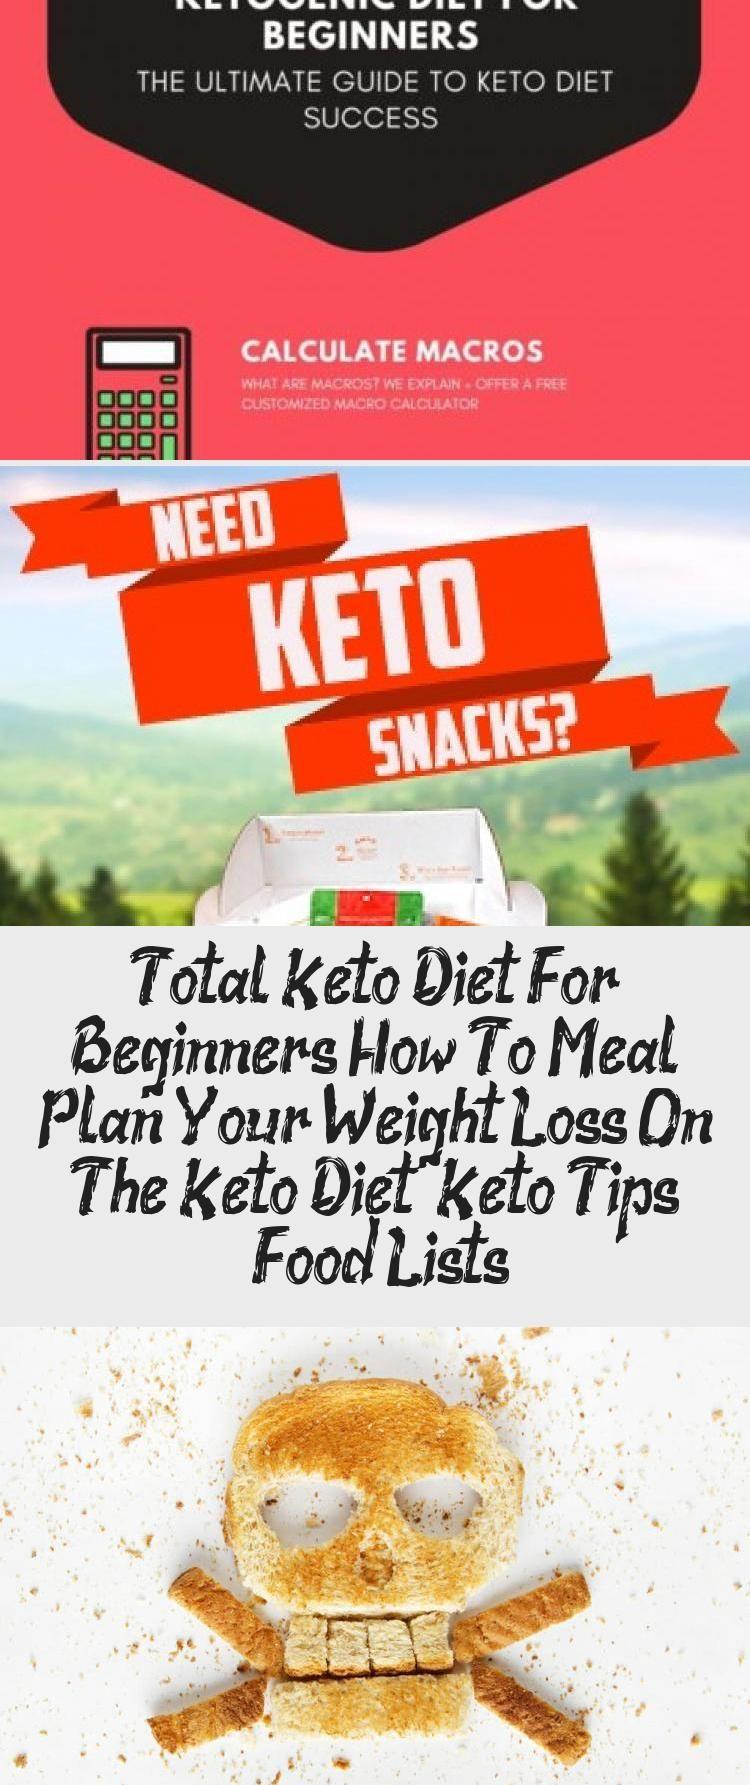 Photo of Total Keto-Diät für Anfänger: So planen Sie Ihren Gewichtsverlust auf der Keto-Diät + Keto-Tipps und Lebensmittellisten – Pinokyo